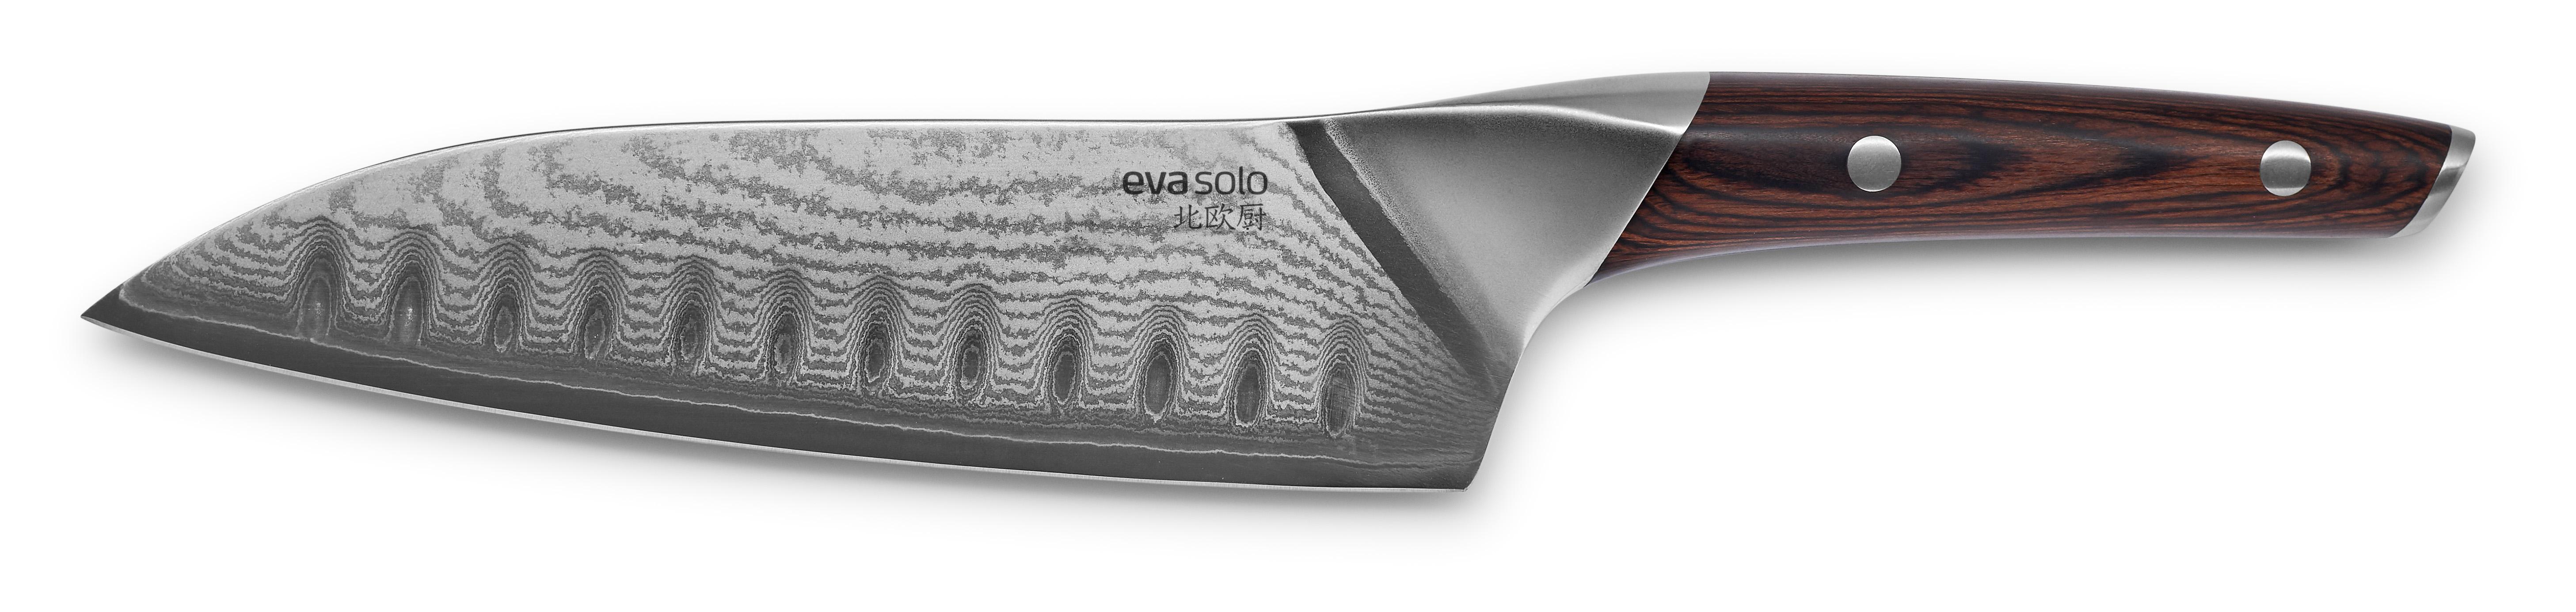 Eva Solo - Santokumesser 18 cm (515402)